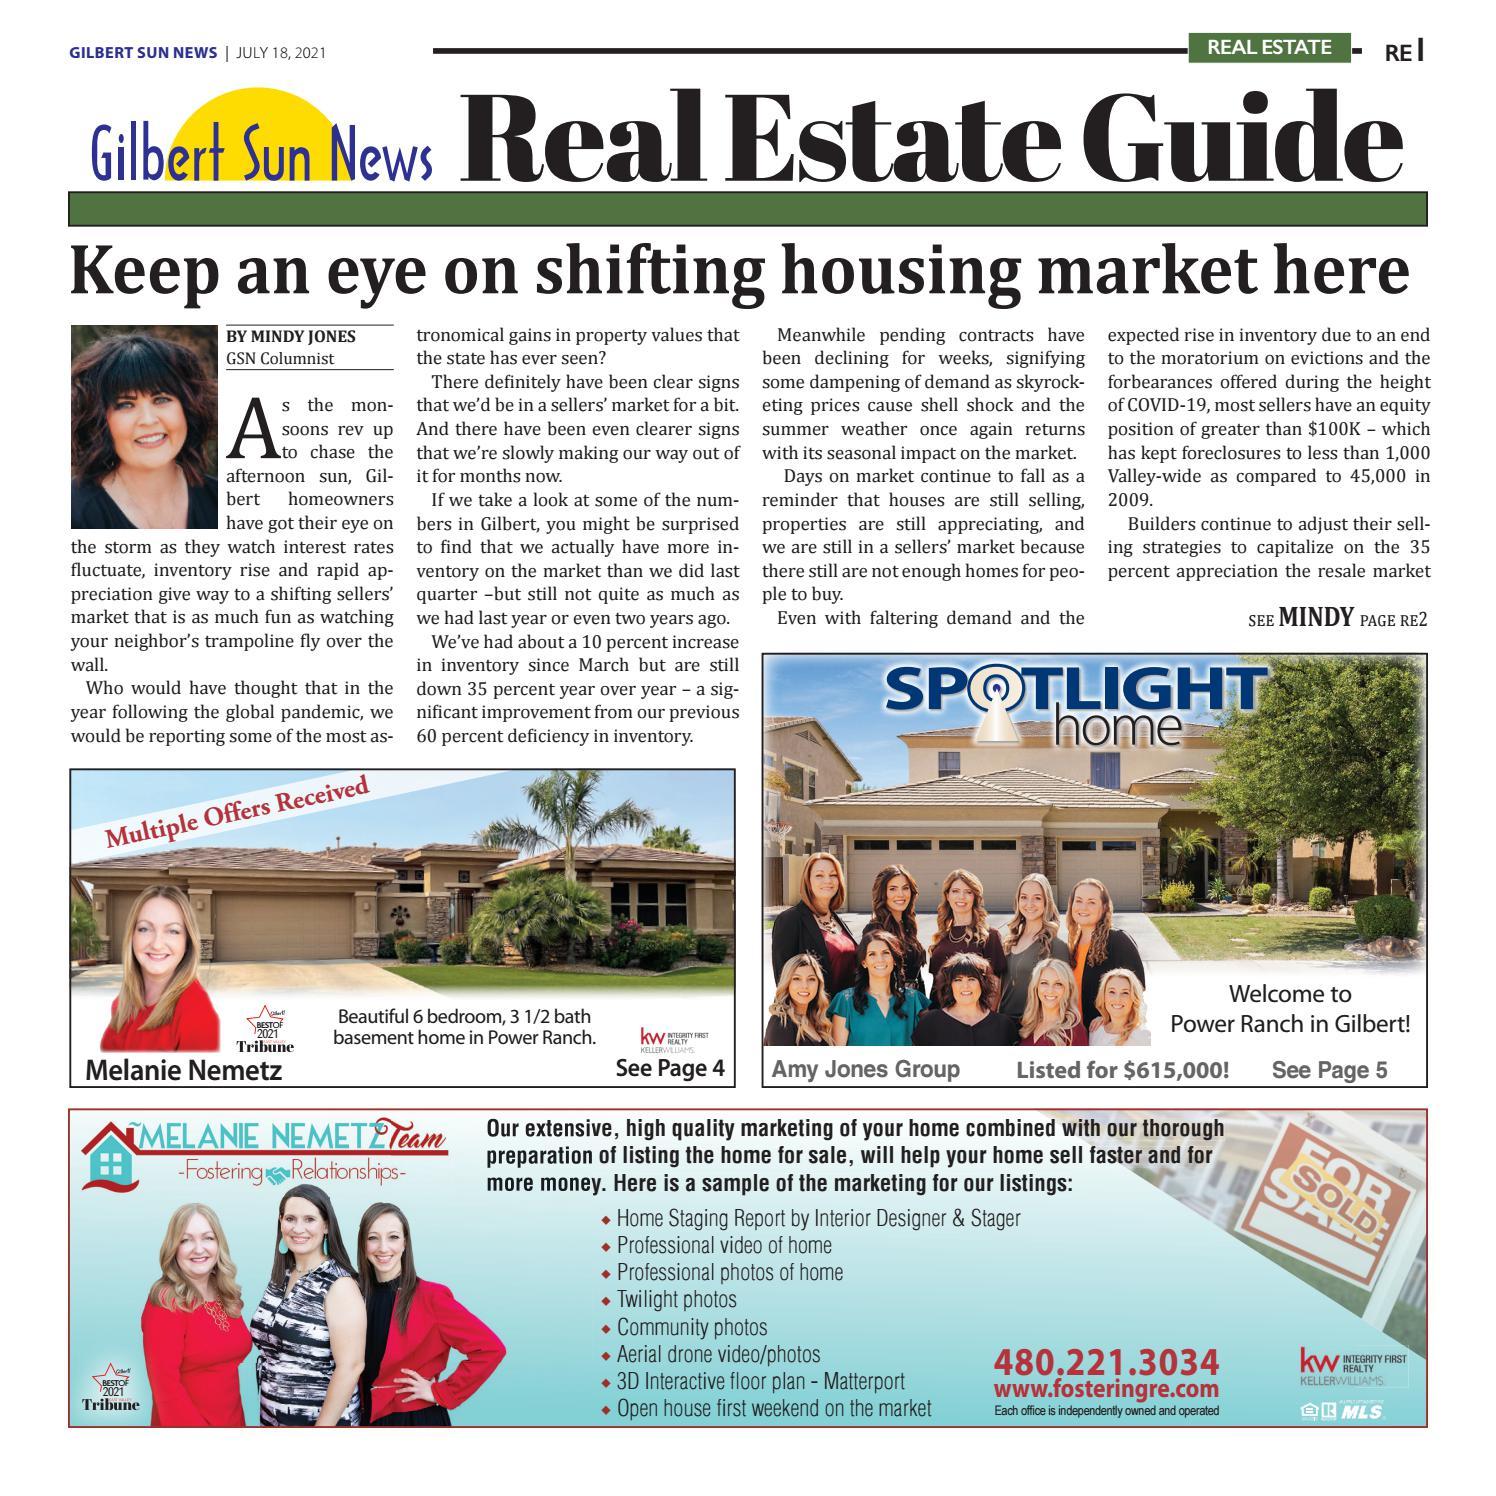 Gilbert Sun News Real Estate - 7.18.2021